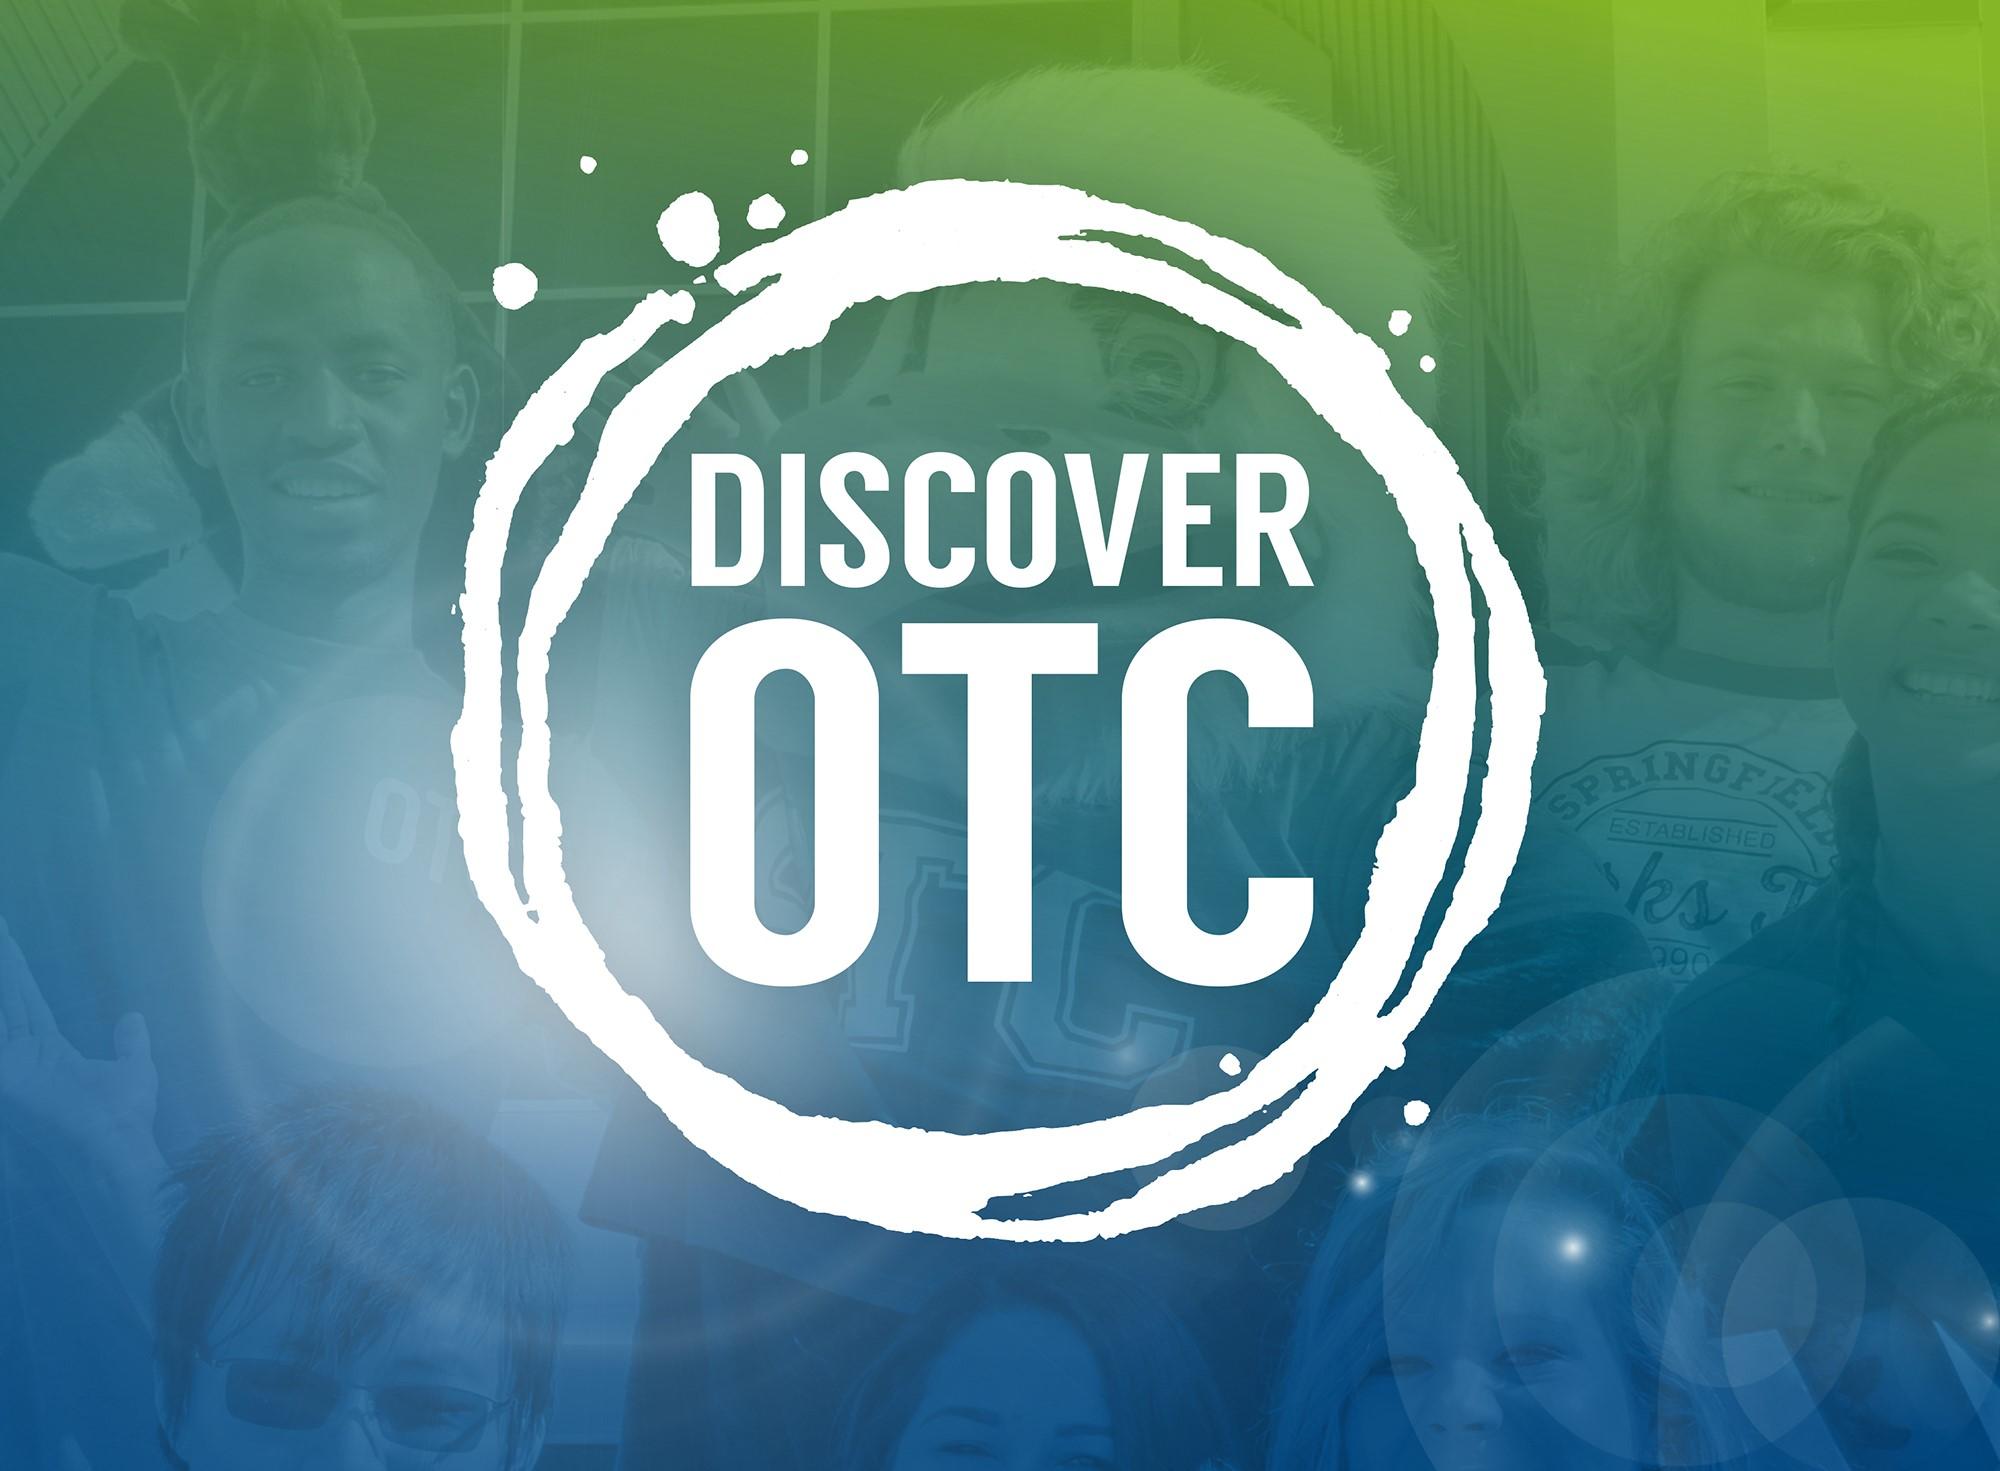 Discover-OTC-2018-logo